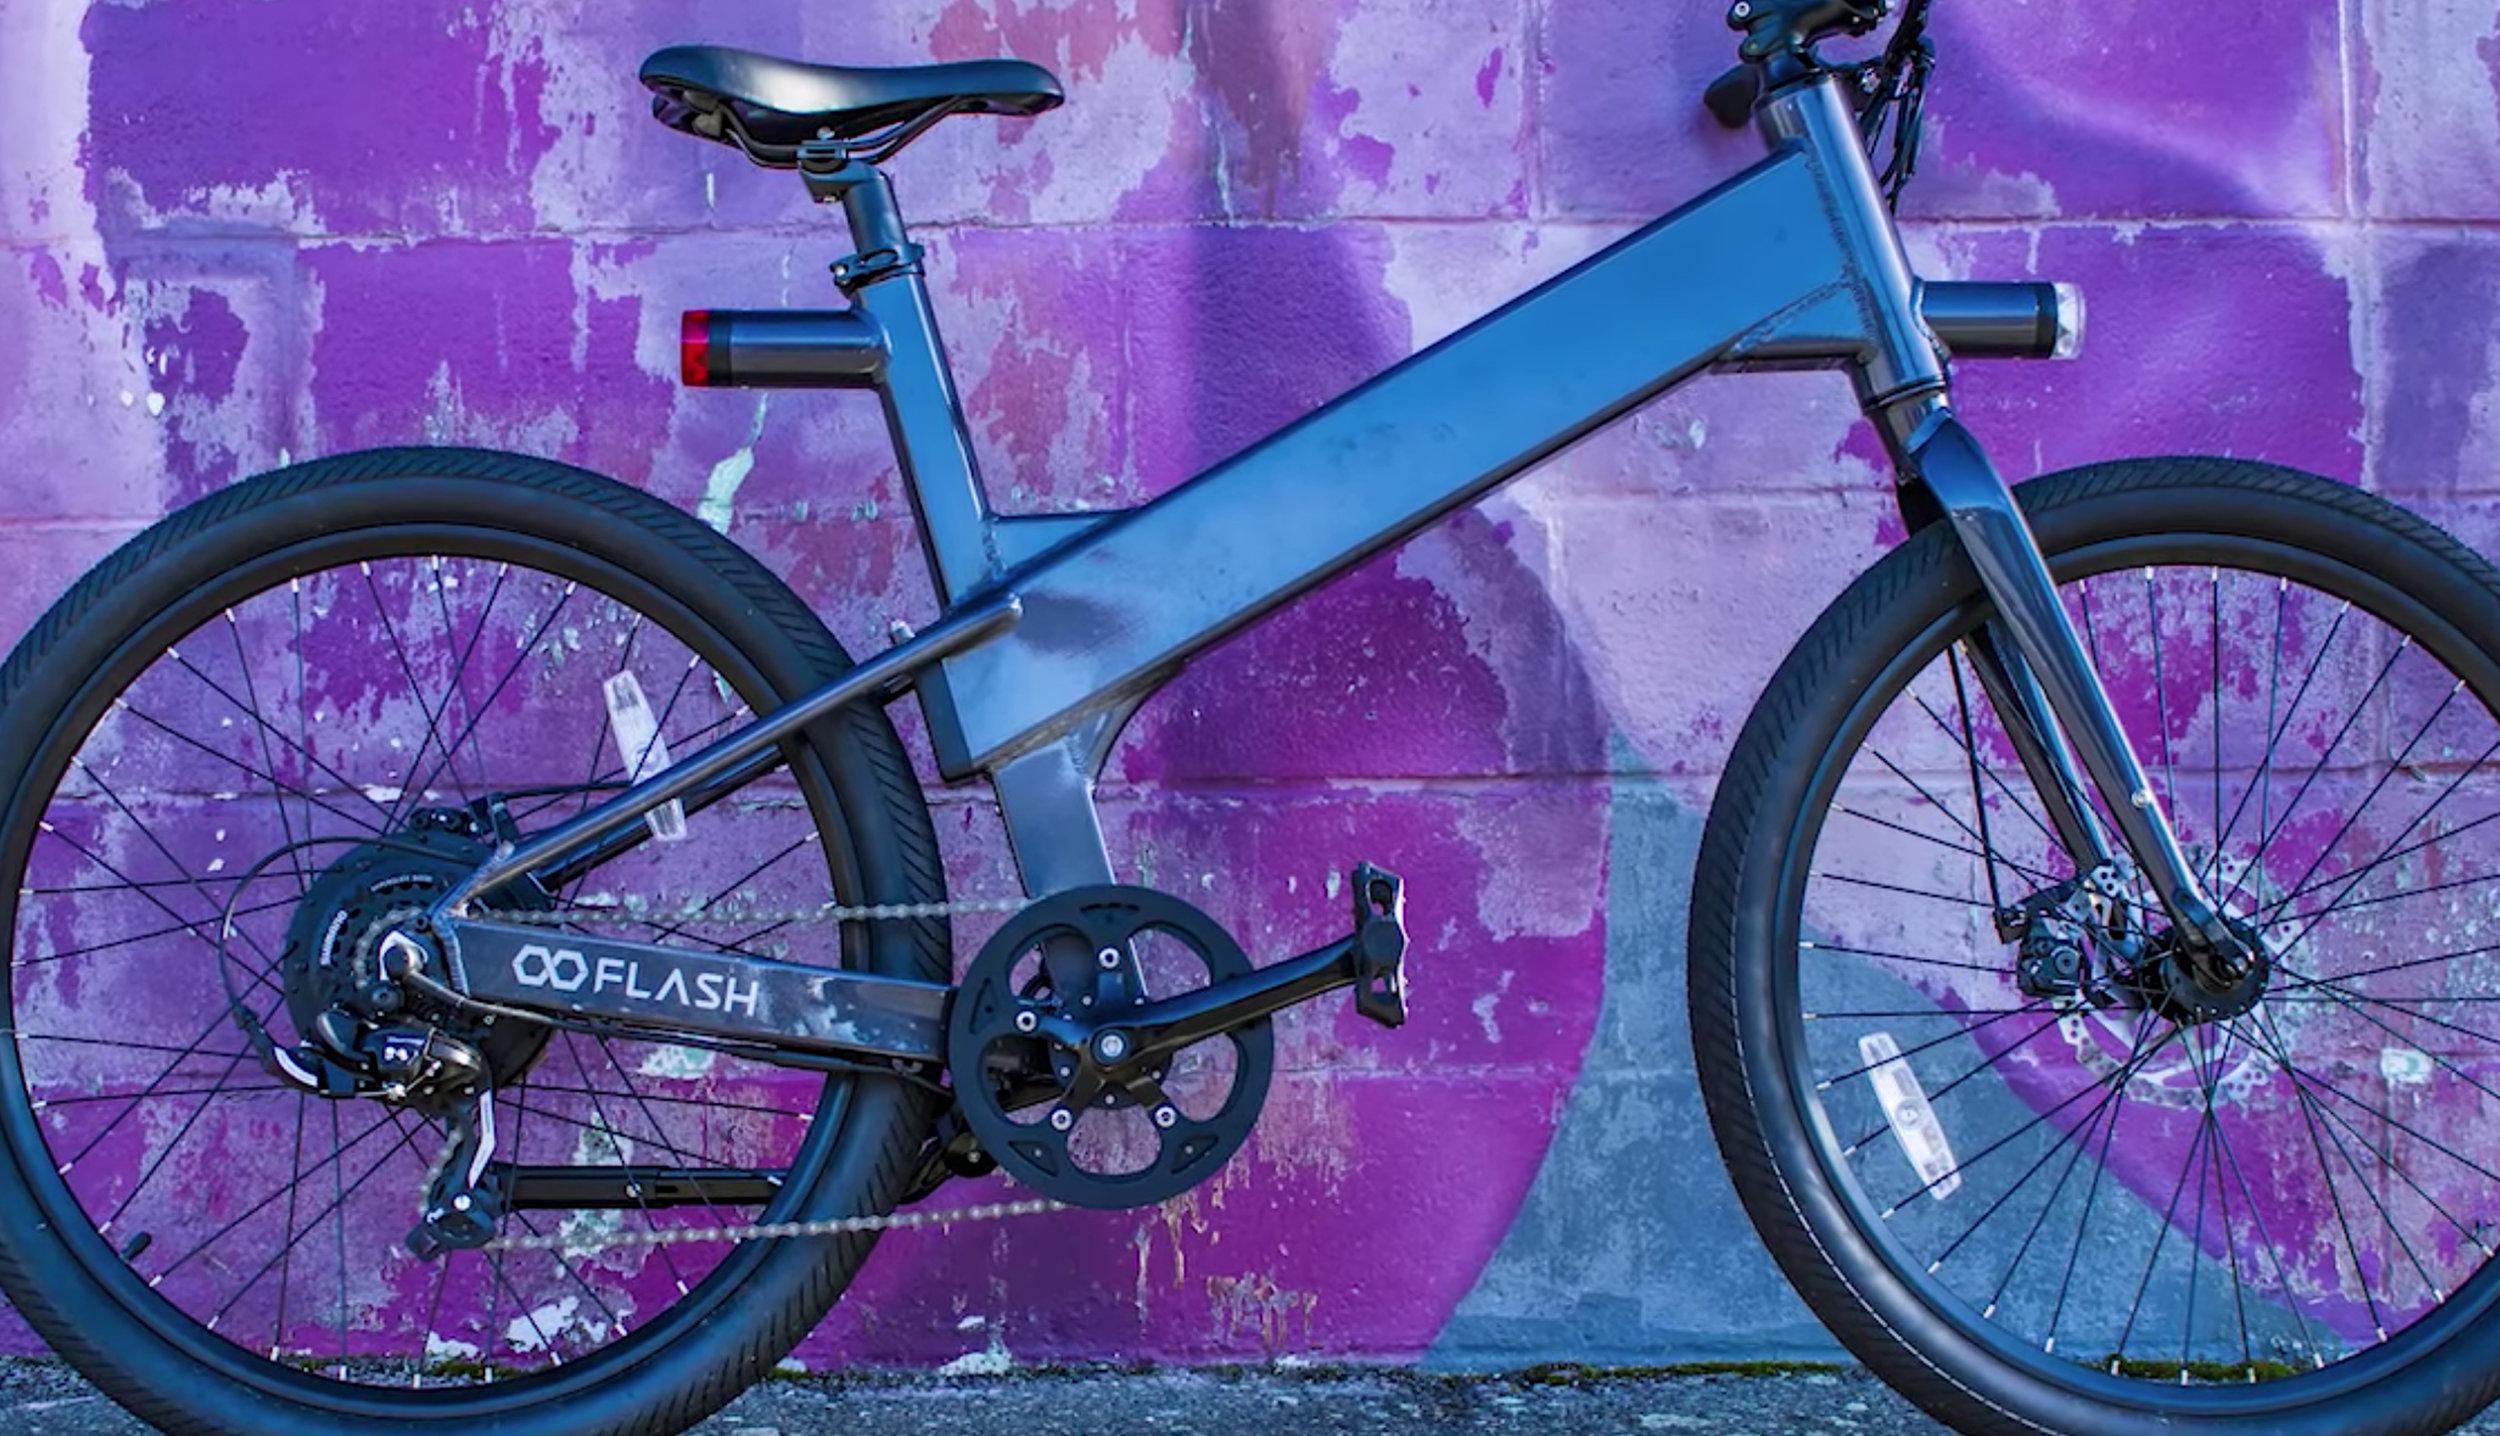 electrified-reviews-flash-v1-electric-bike-review-profile-2.jpg